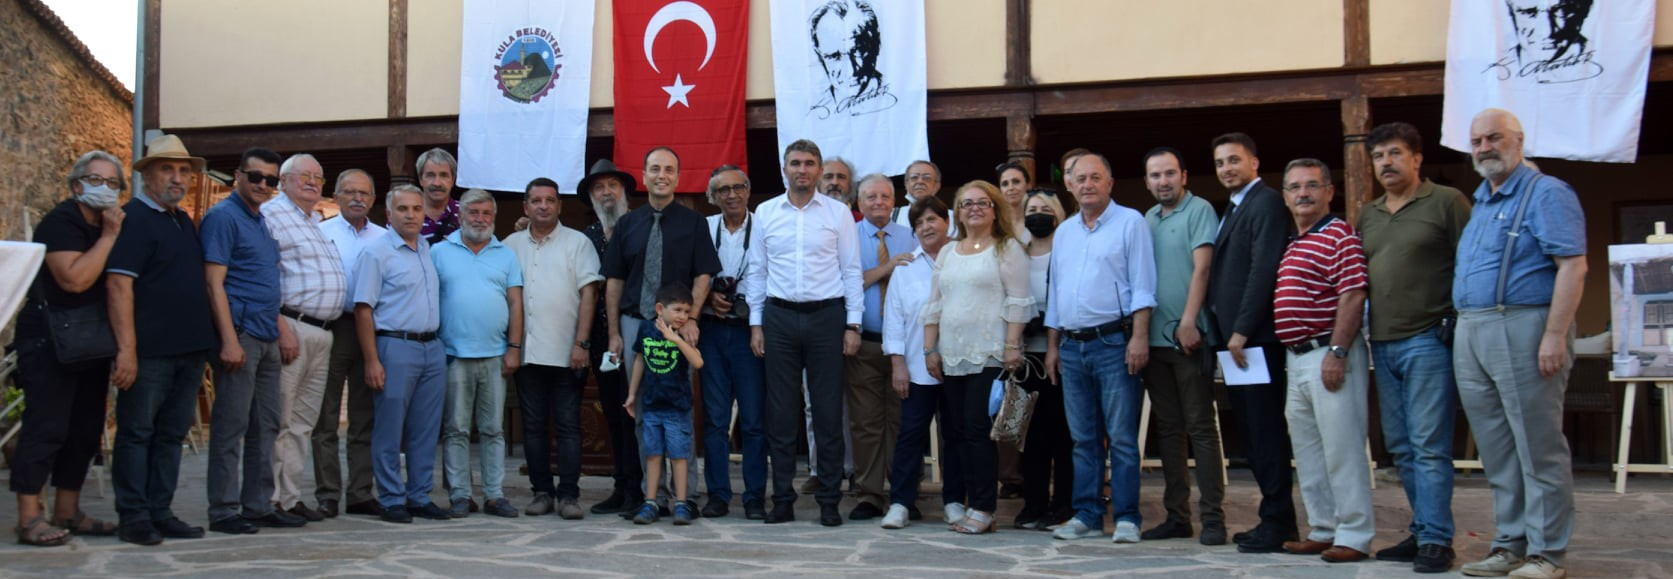 200 YILLIK ESSANLAR KONAĞI, FOTOĞRAF SERGİSİYLE TURİZME AÇILDI